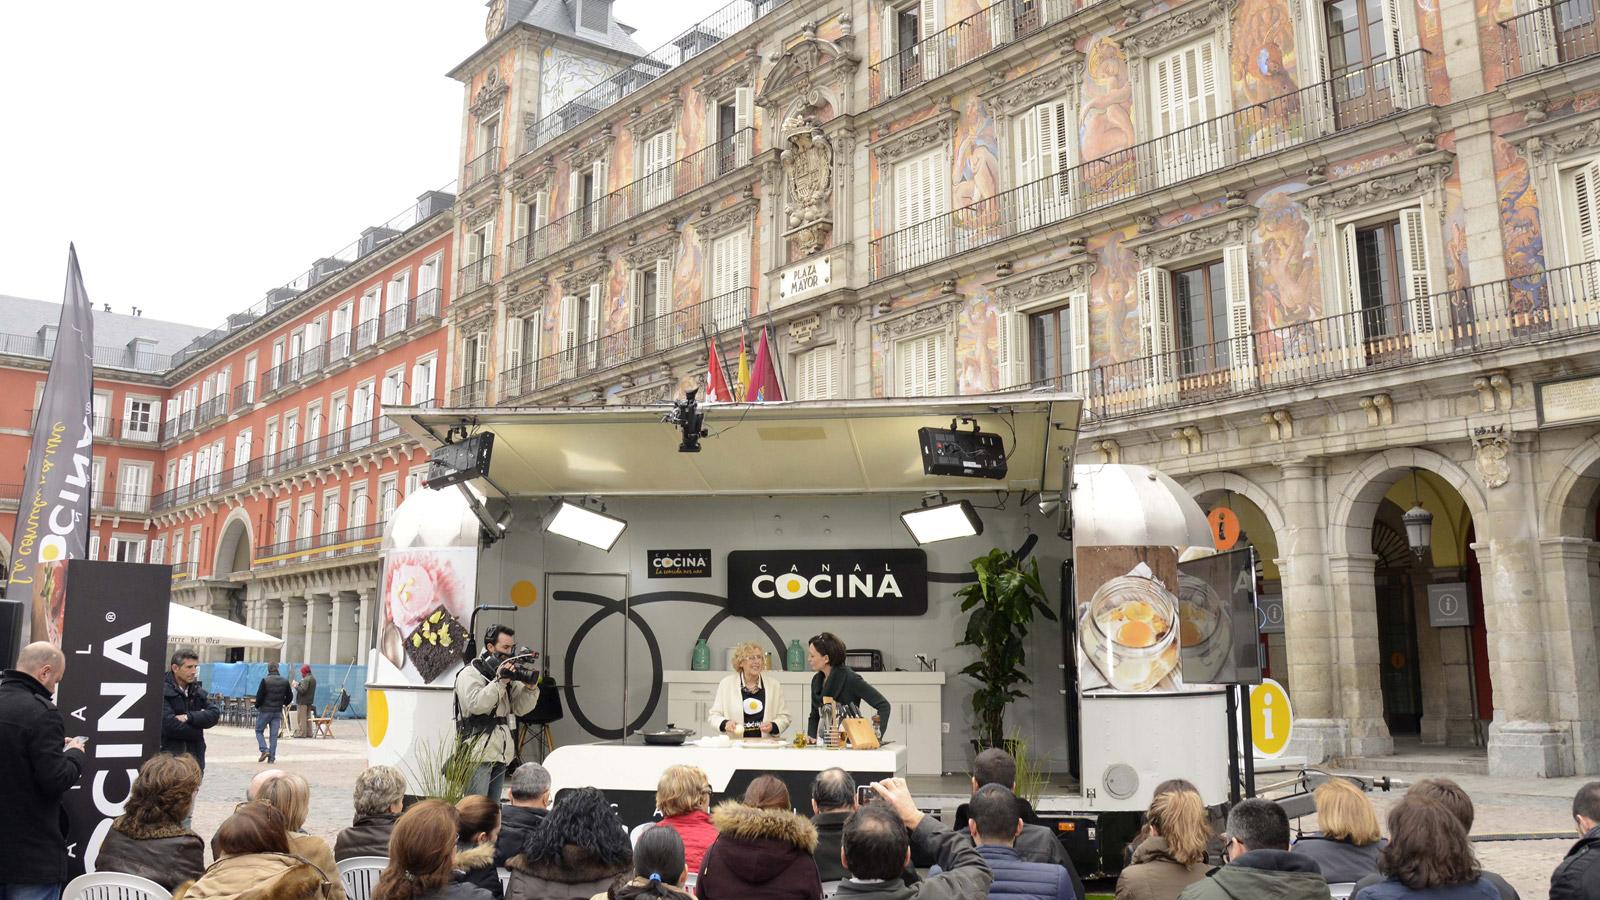 Manuela carmena alcaldesa de madrid cocina en canal for Programas de cocina en espana